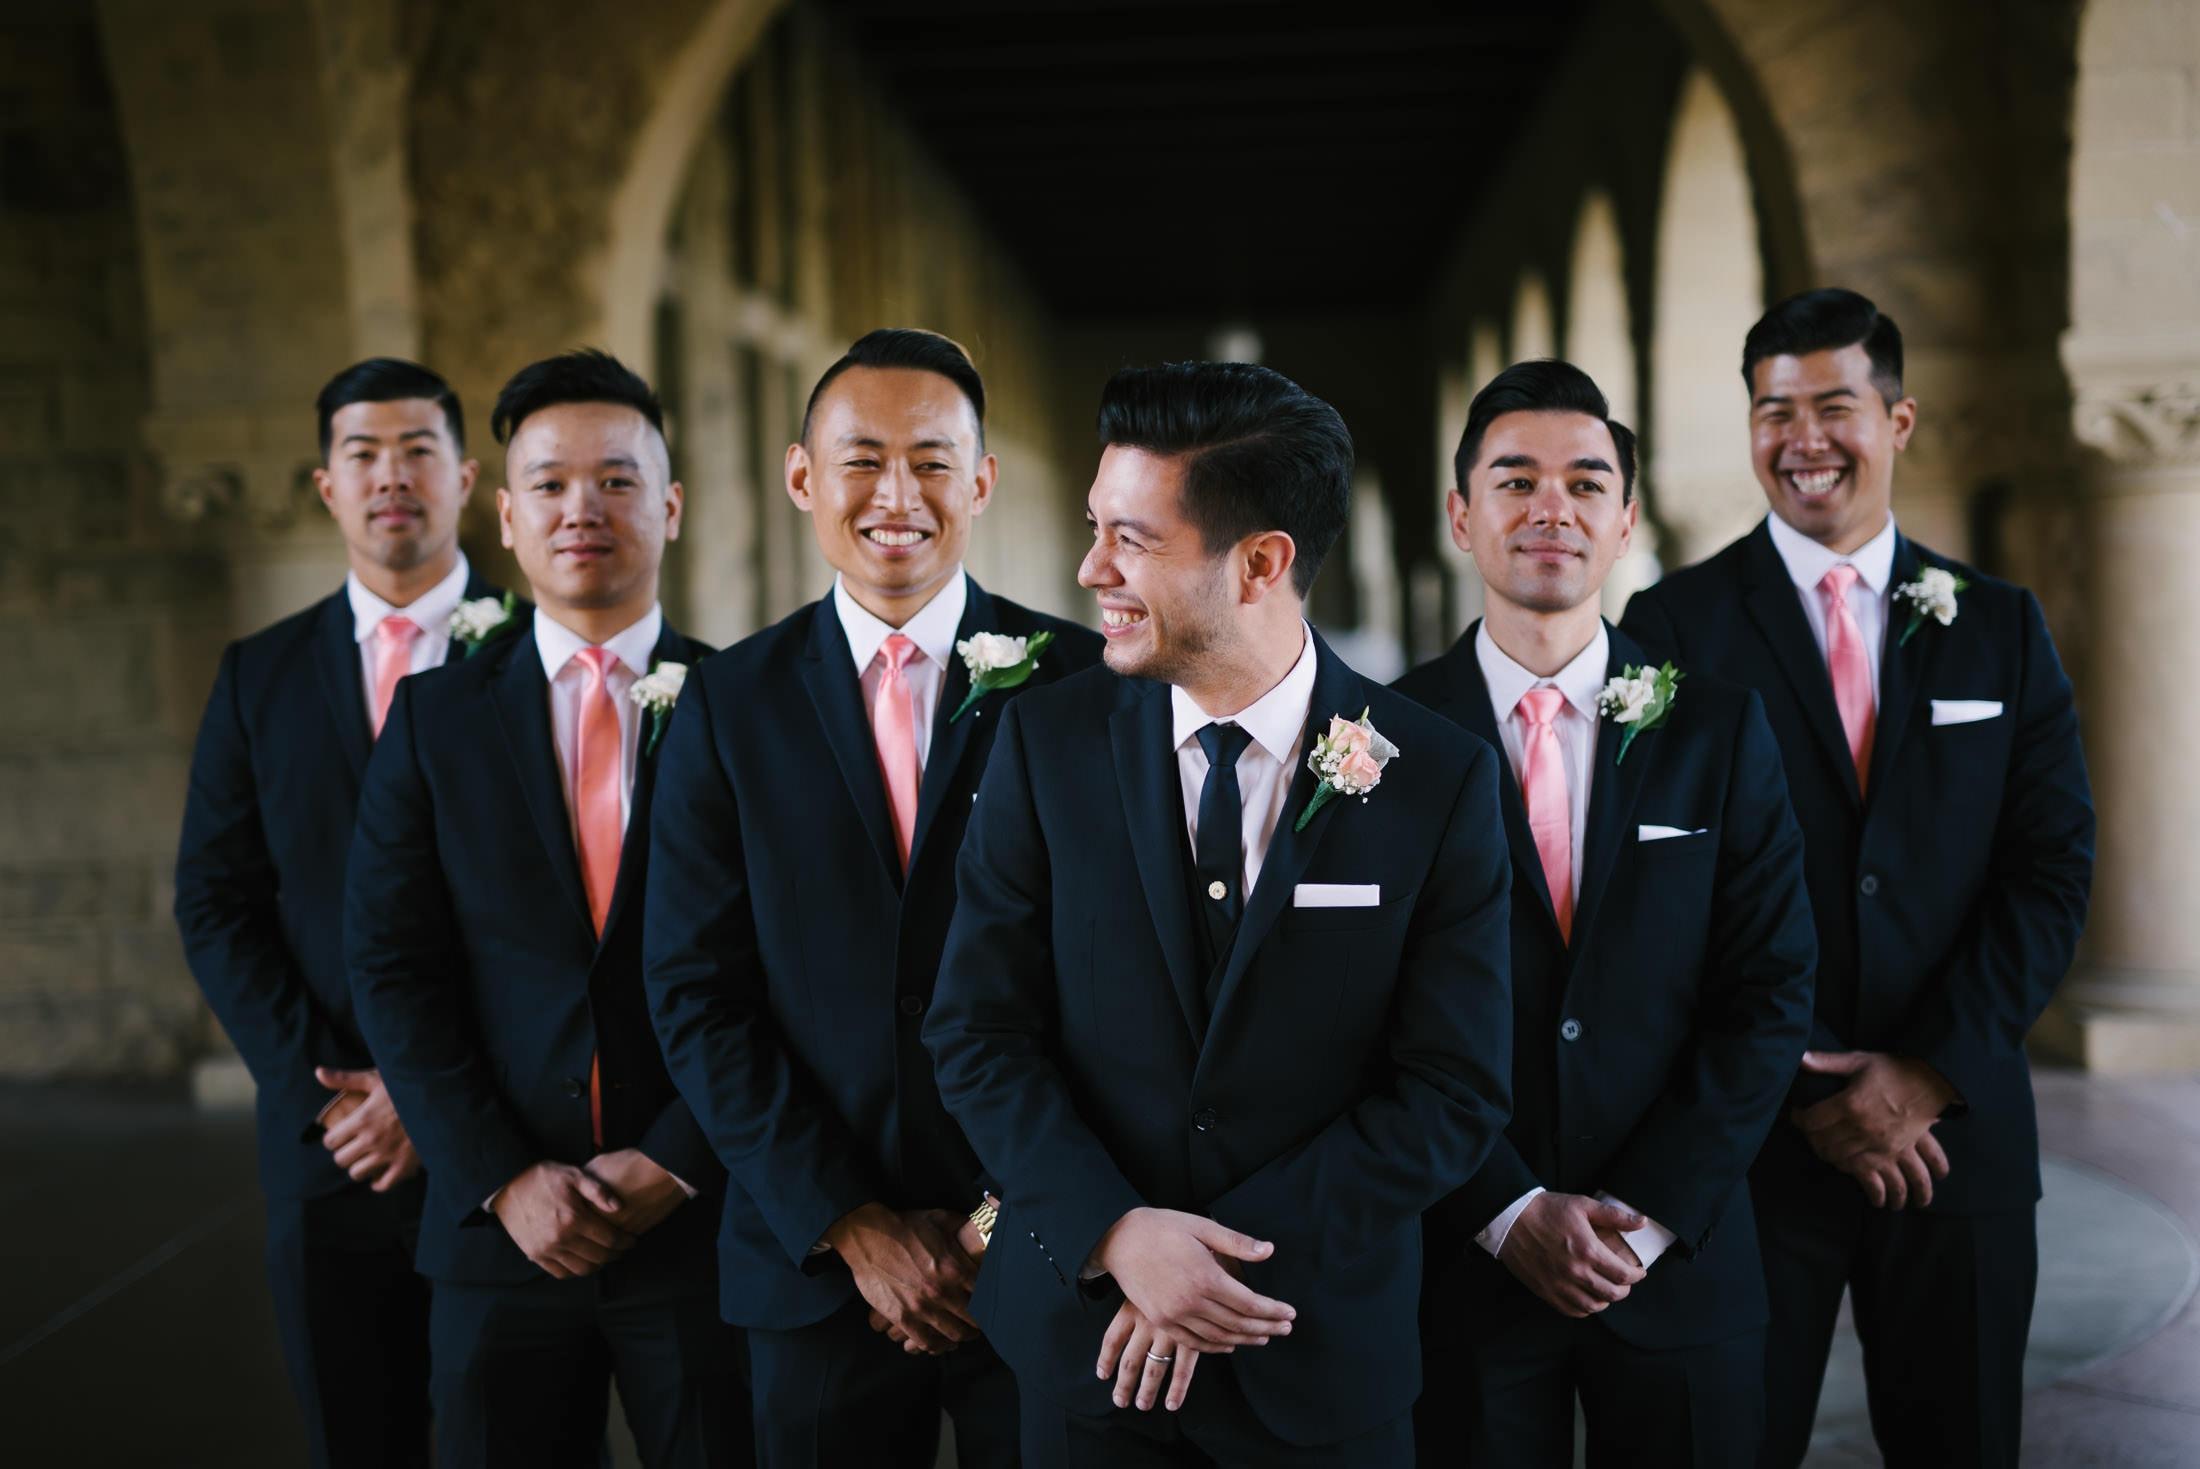 groom and groomsmen having fun at stanford wedding